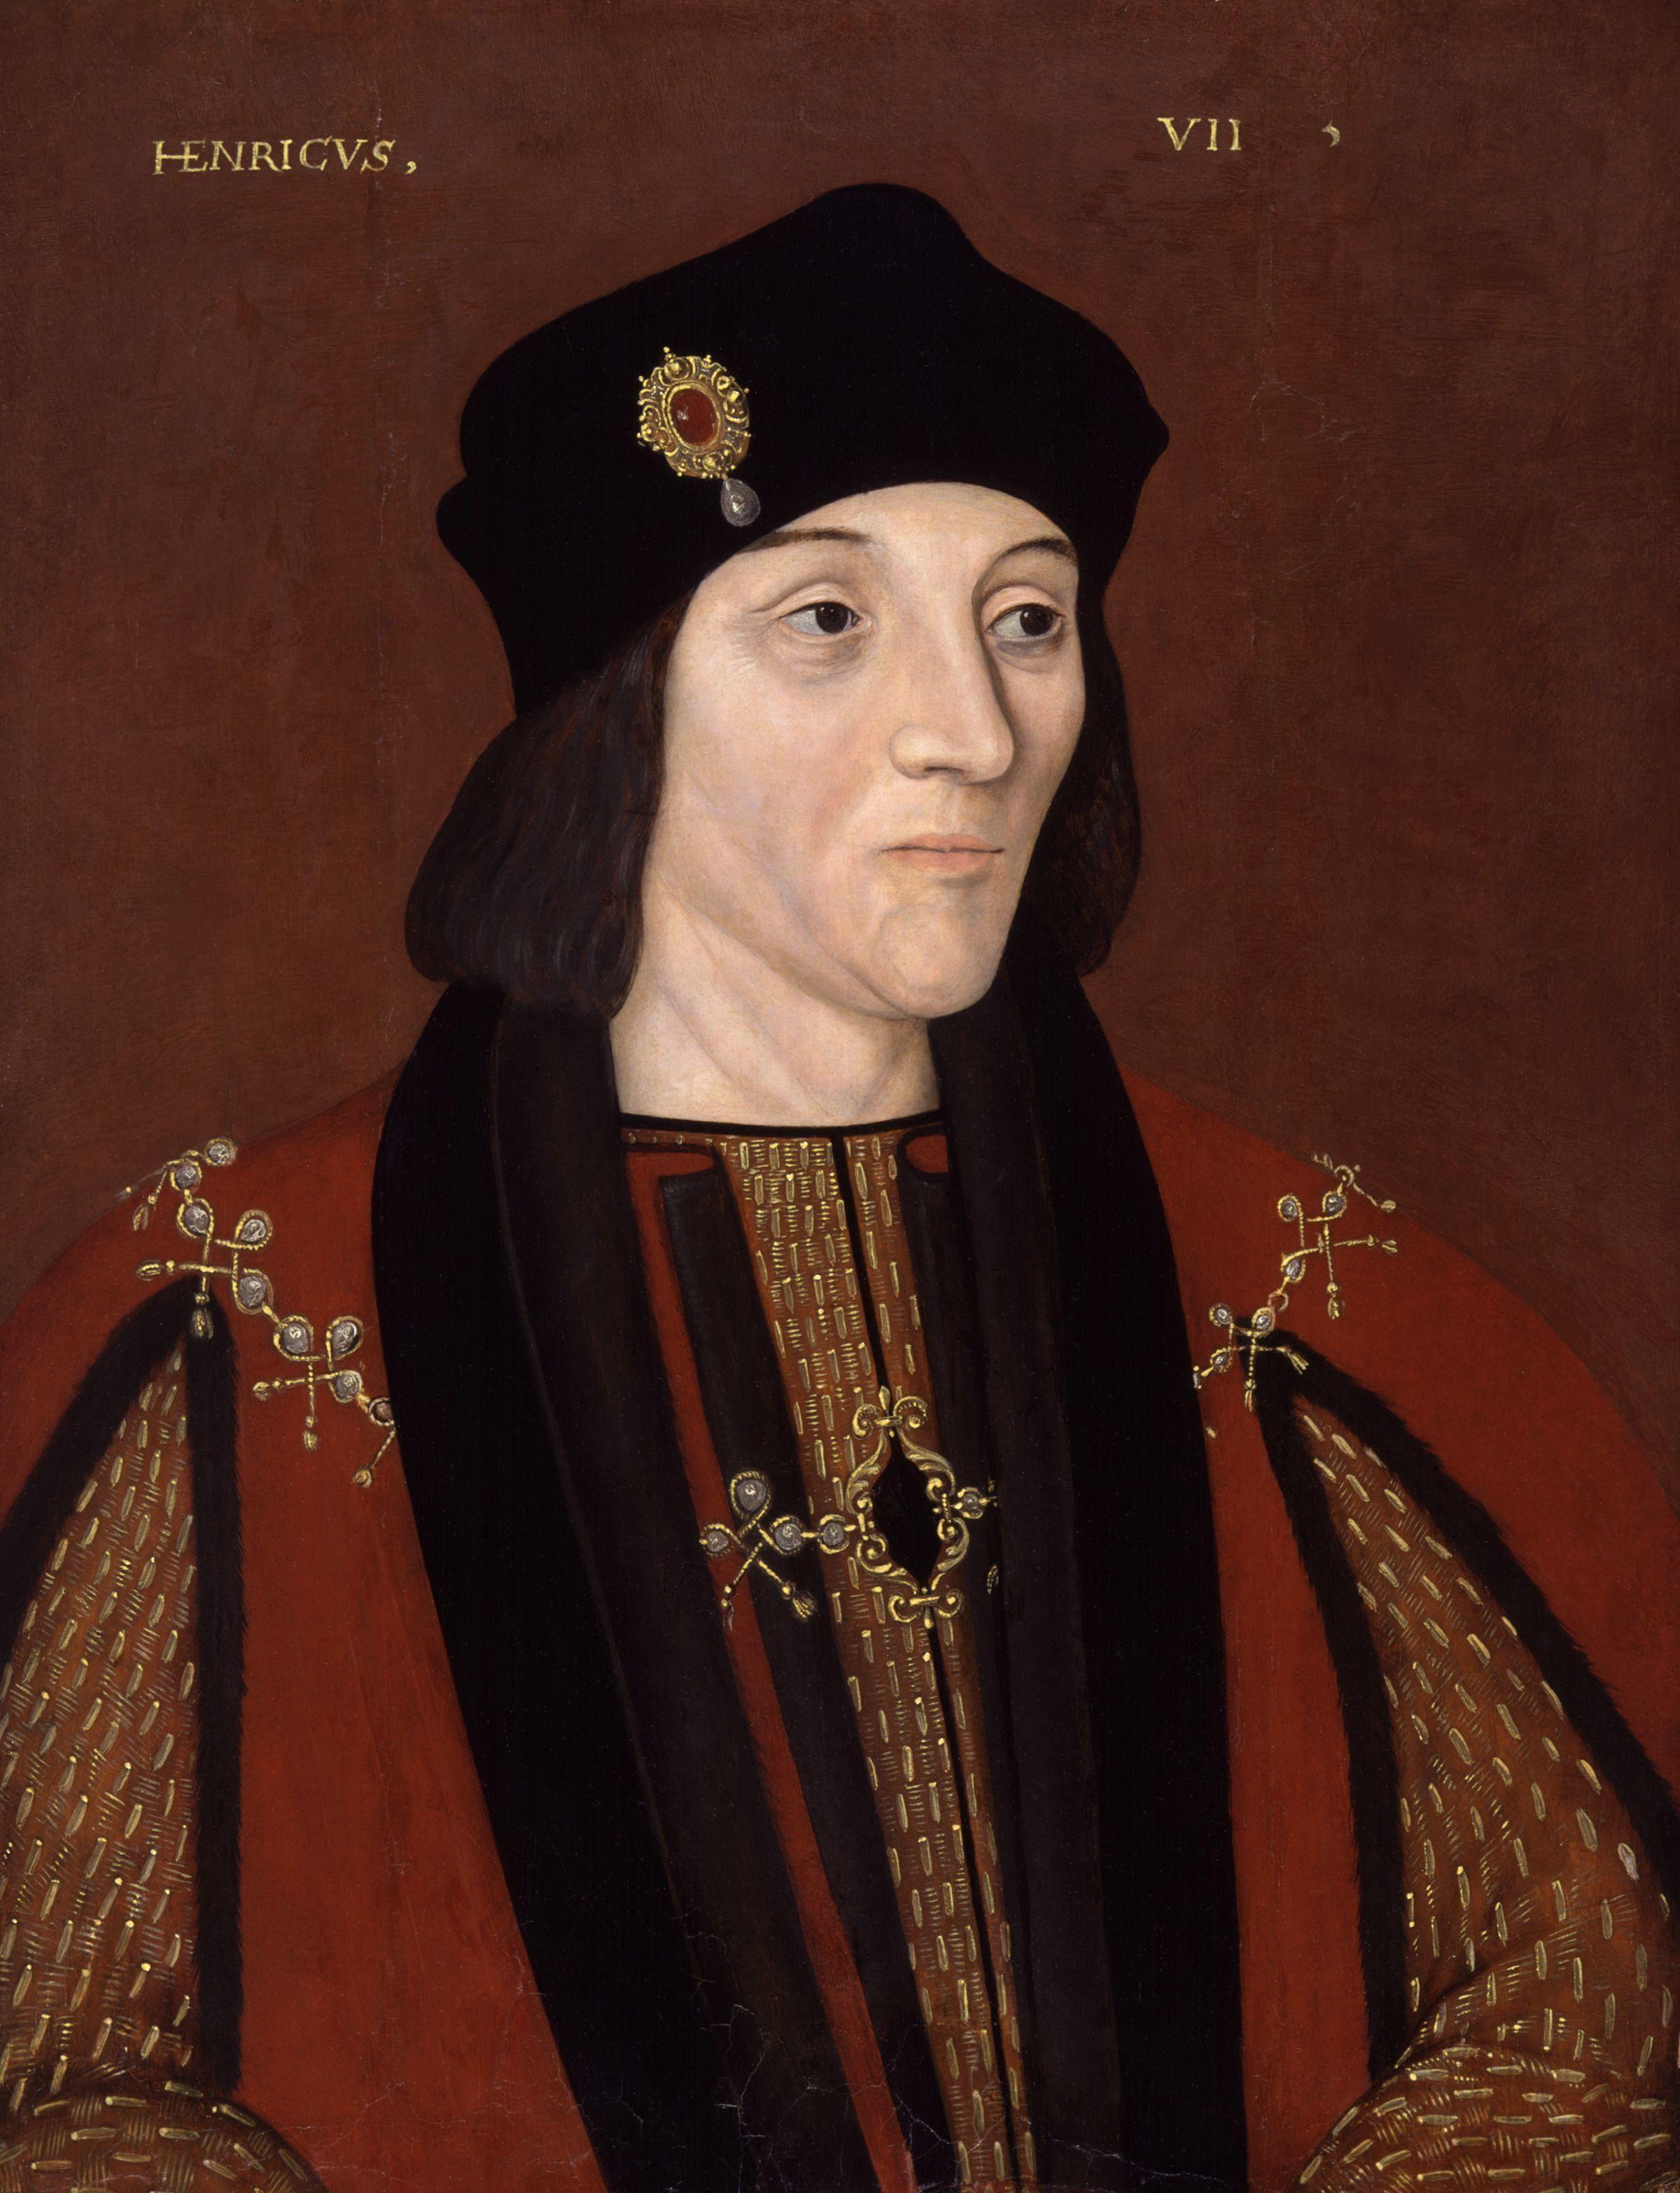 Resultado de imagen para Fotos de Enrique VII